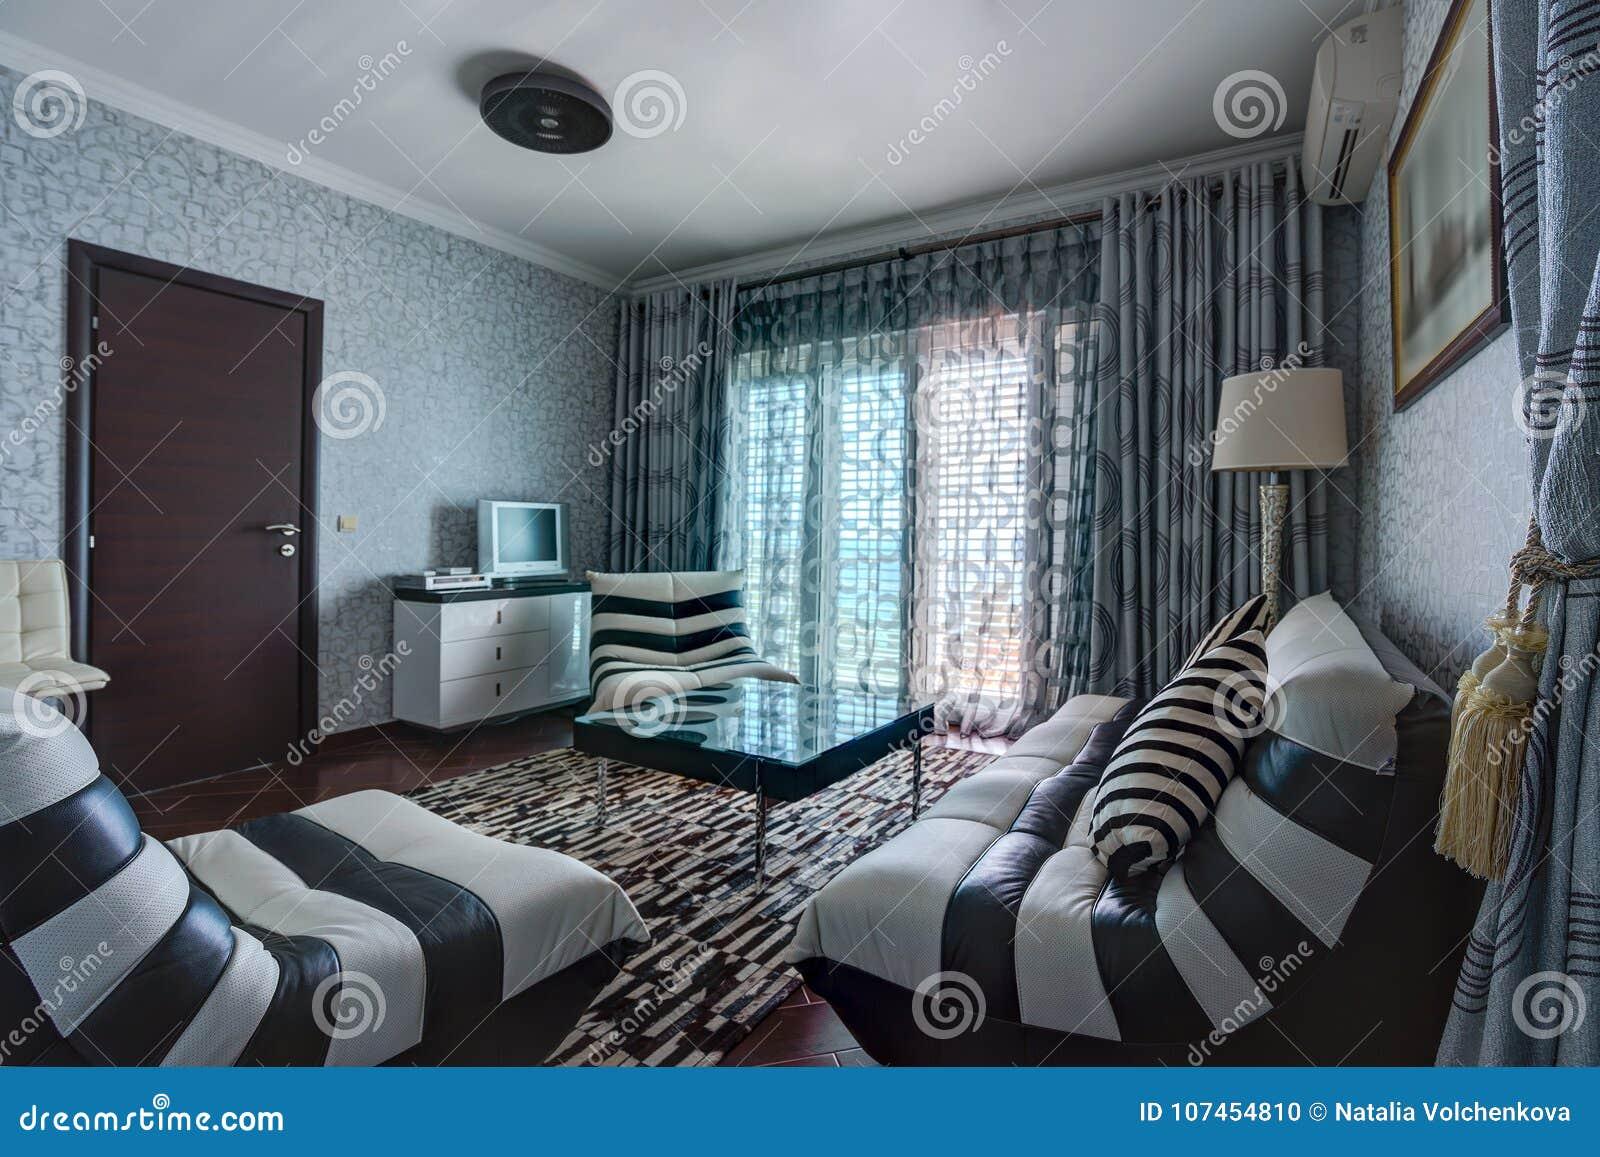 Binnenland Van Een Woonkamer In Een Villa Stock Foto - Afbeelding ...